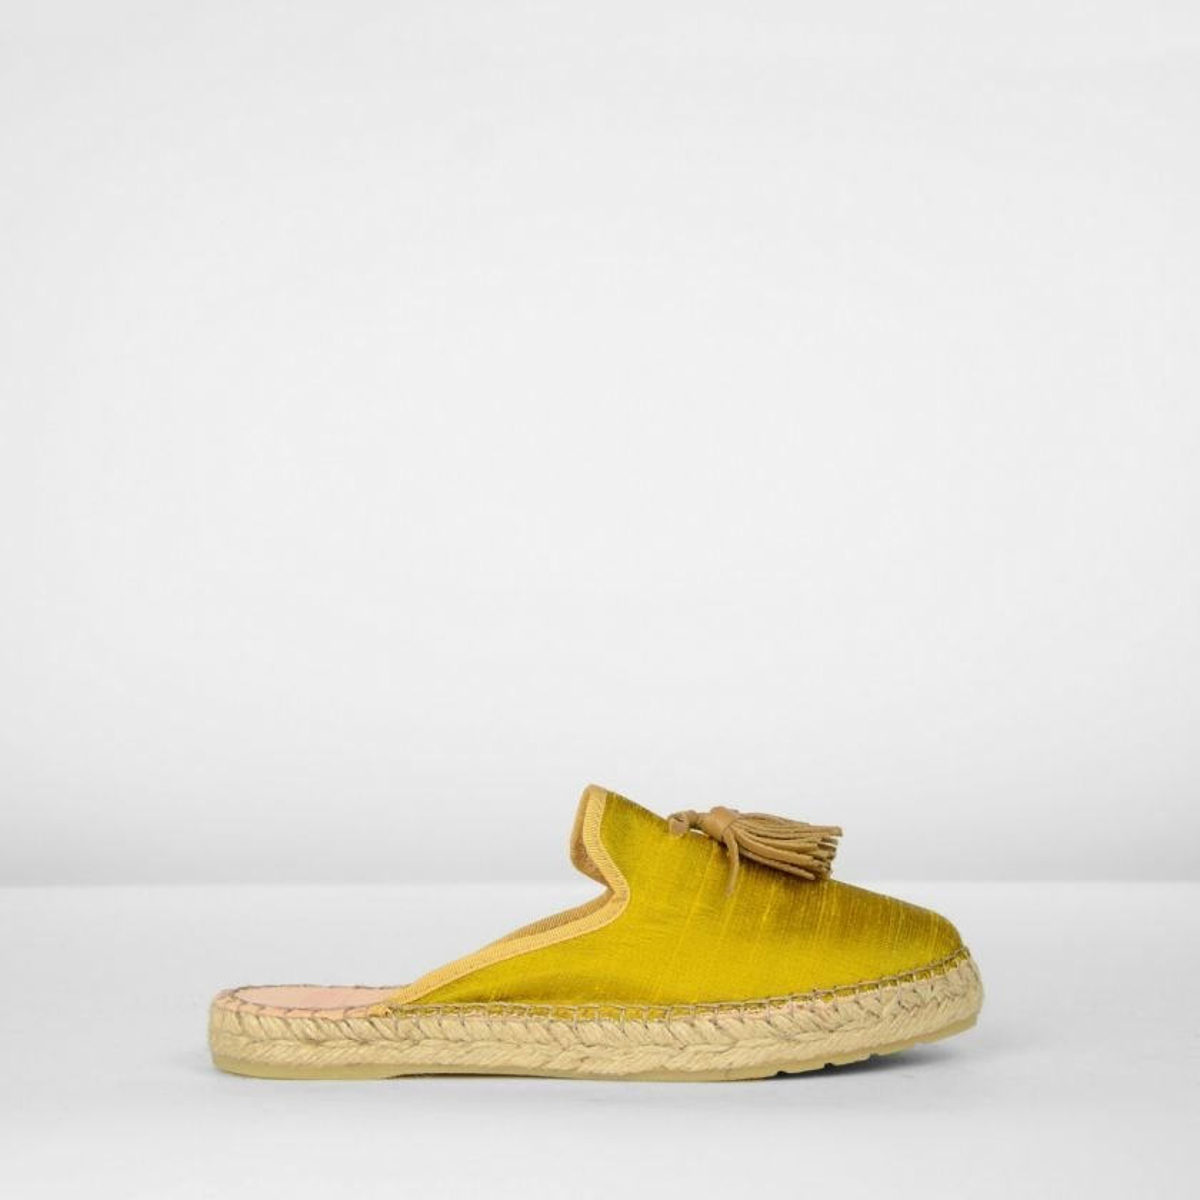 Espadrille-slipper-zijden-mosterdgeel